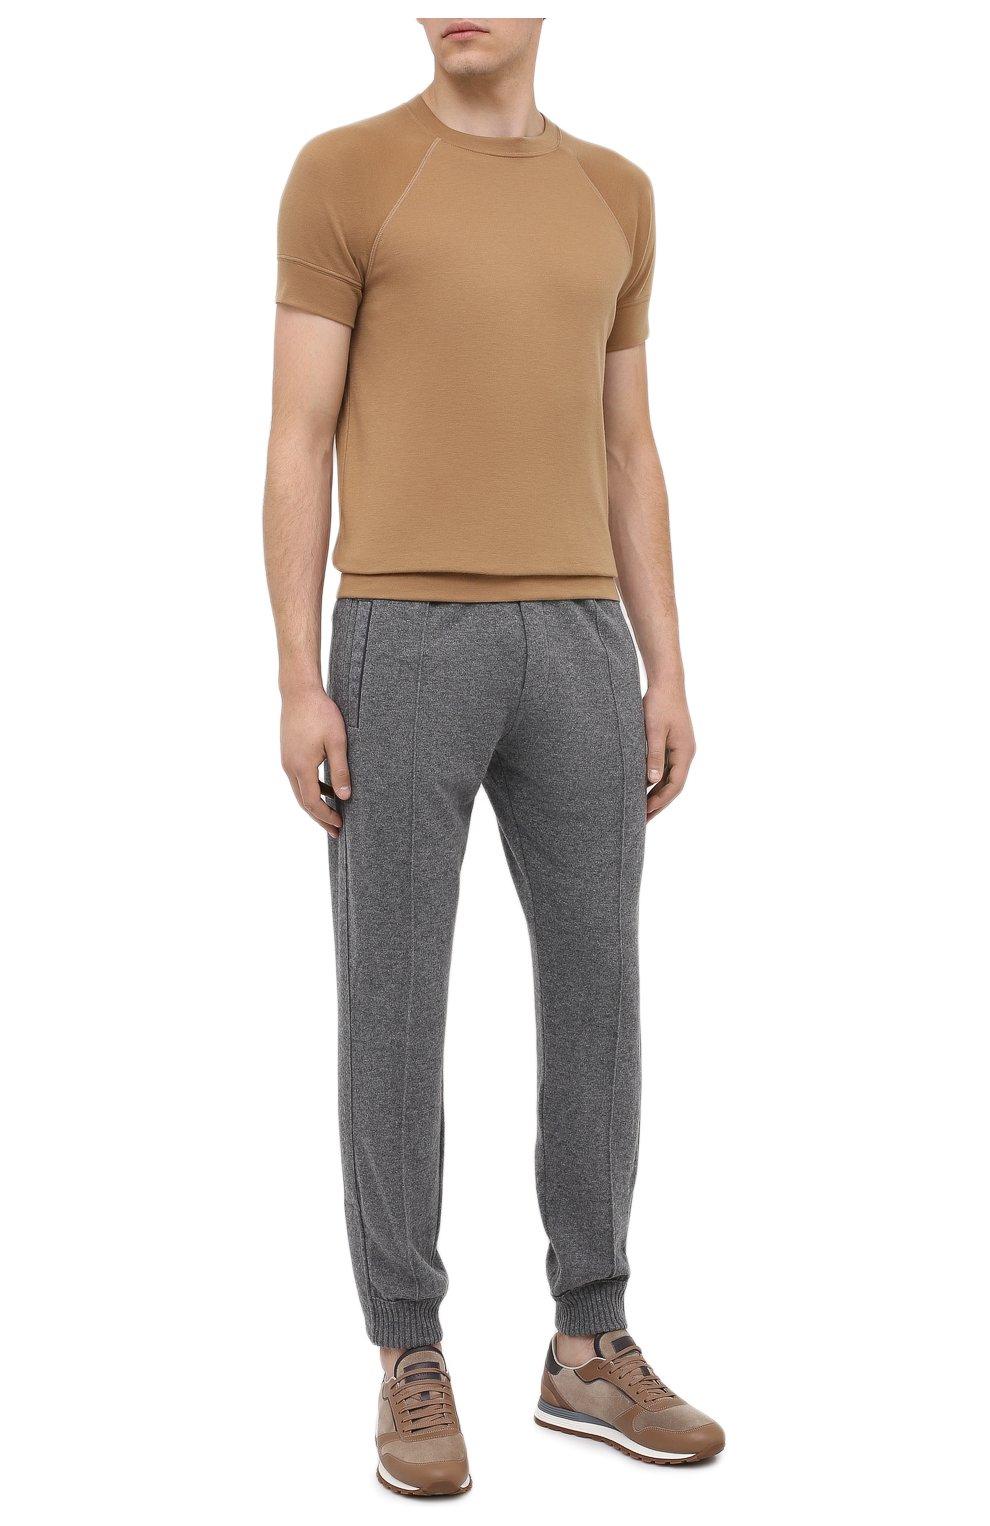 Мужские кашемировые джоггеры FIORONI серого цвета, арт. MKF21411F1   Фото 2 (Мужское Кросс-КТ: Брюки-трикотаж; Материал внешний: Шерсть, Кашемир; Длина (брюки, джинсы): Стандартные; Стили: Спорт-шик; Силуэт М (брюки): Джоггеры)